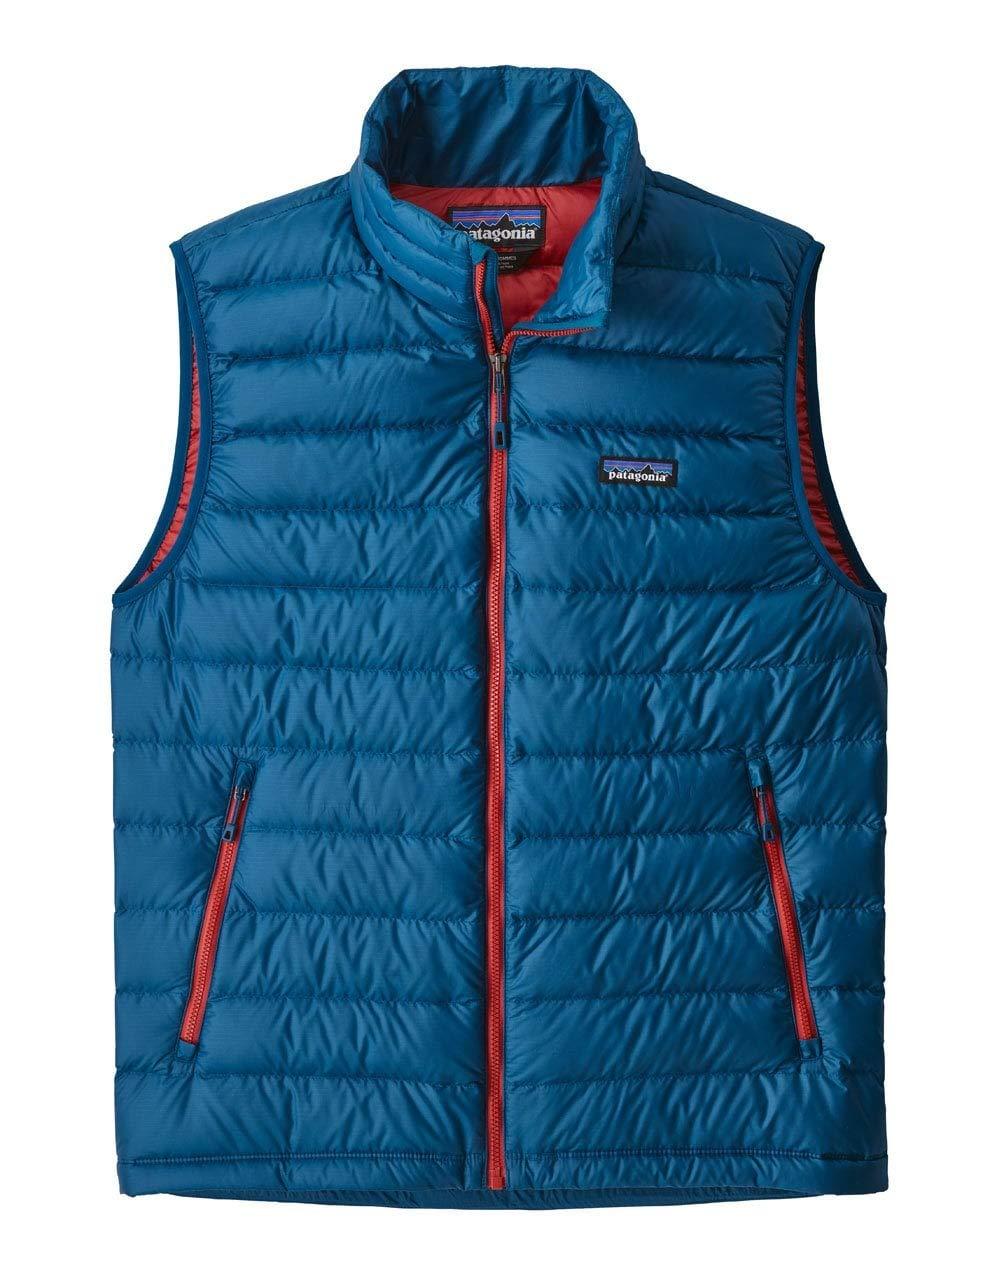 Patagonia Herren Weste M'S Sweater Vest 84622650